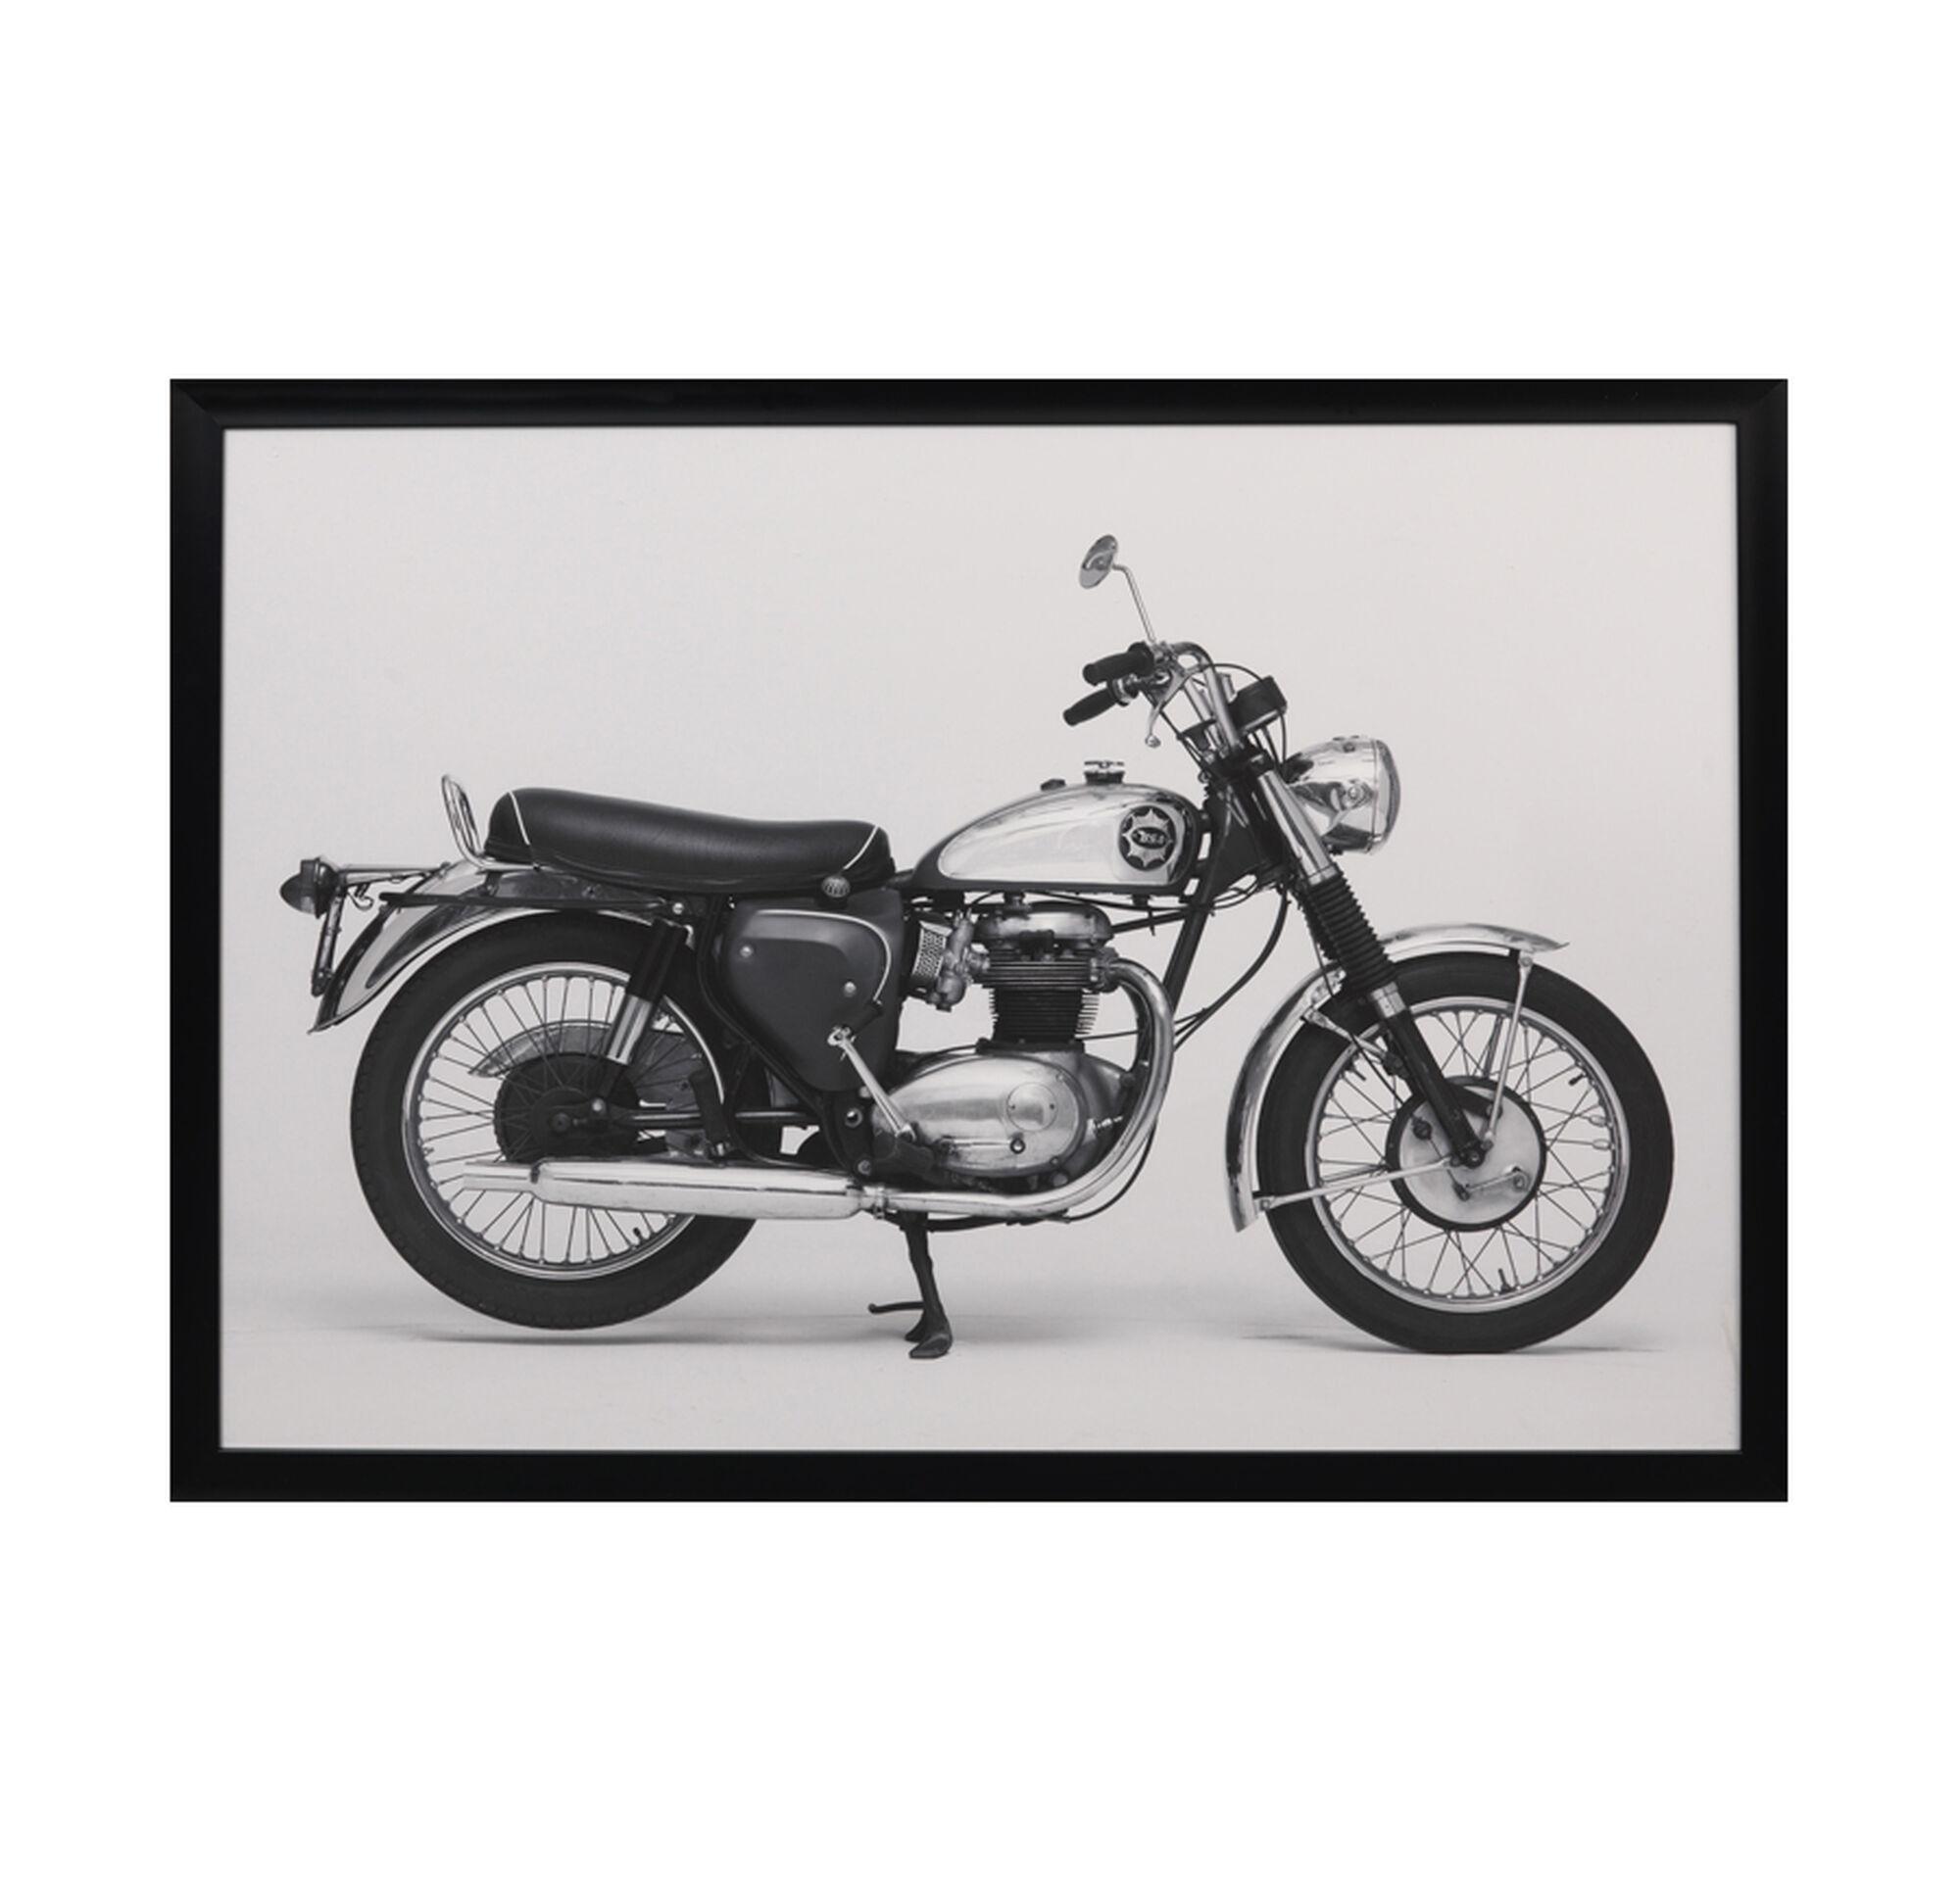 BSA MOTORCYCLE WALL ART